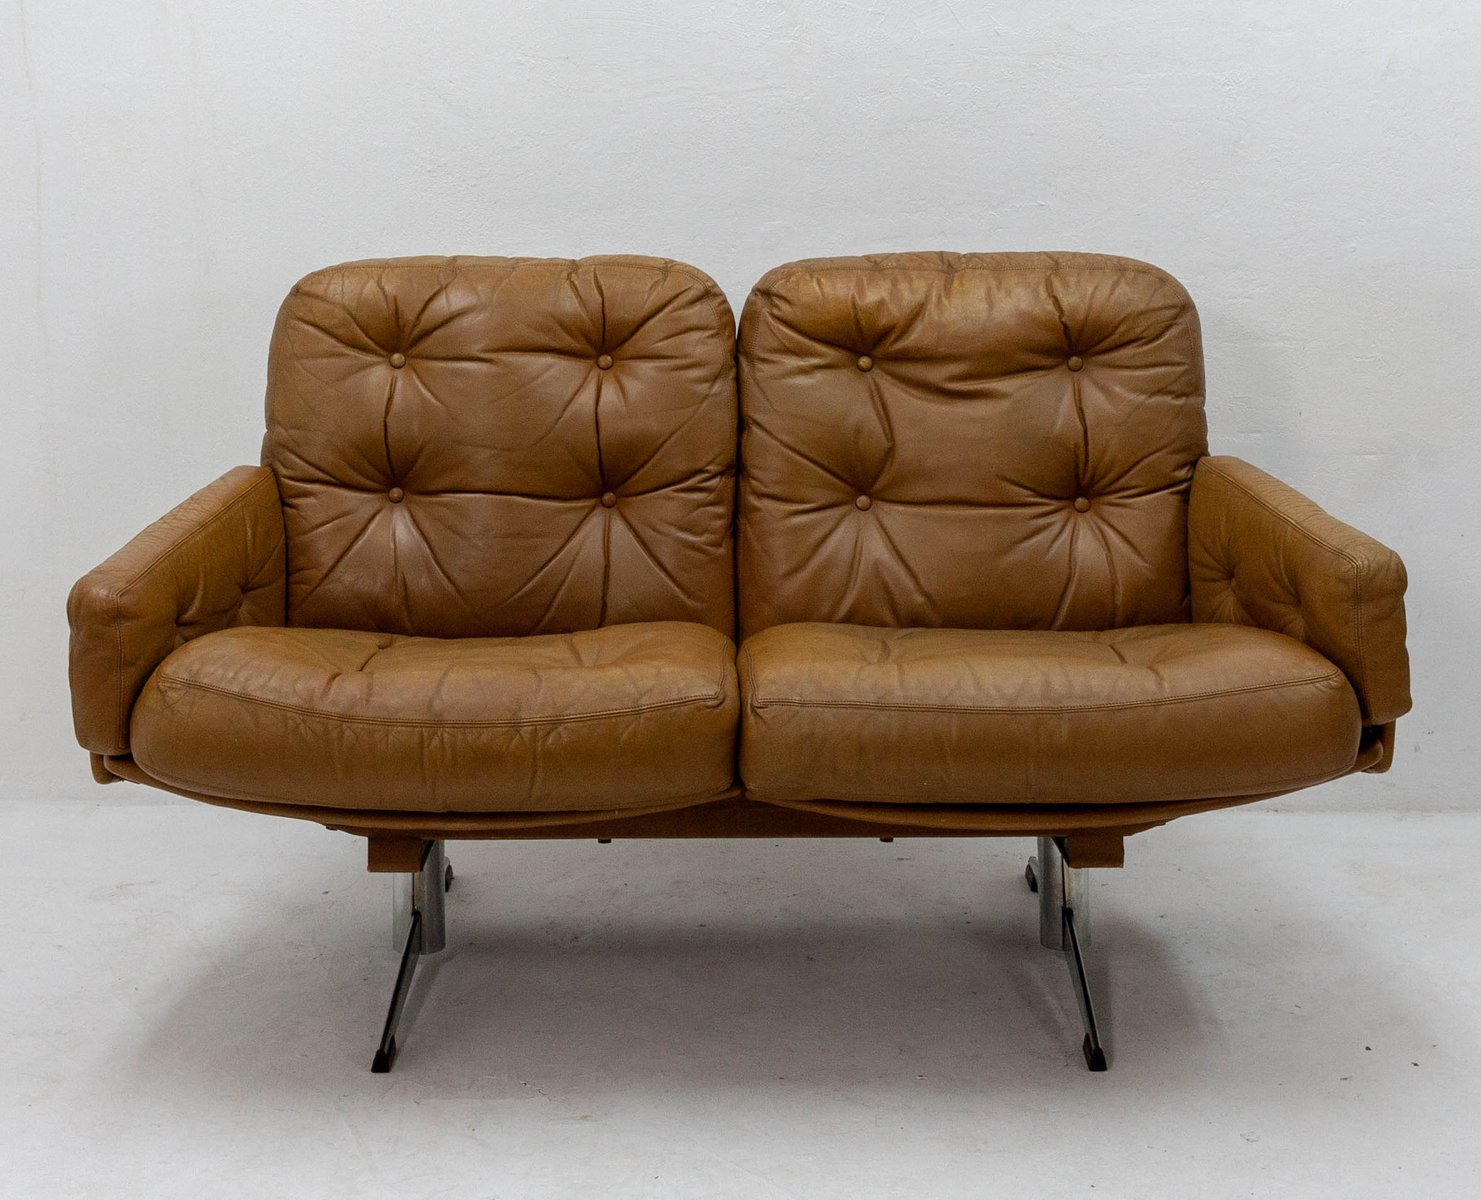 Curved Leather Sofa 1960s En Vente Sur